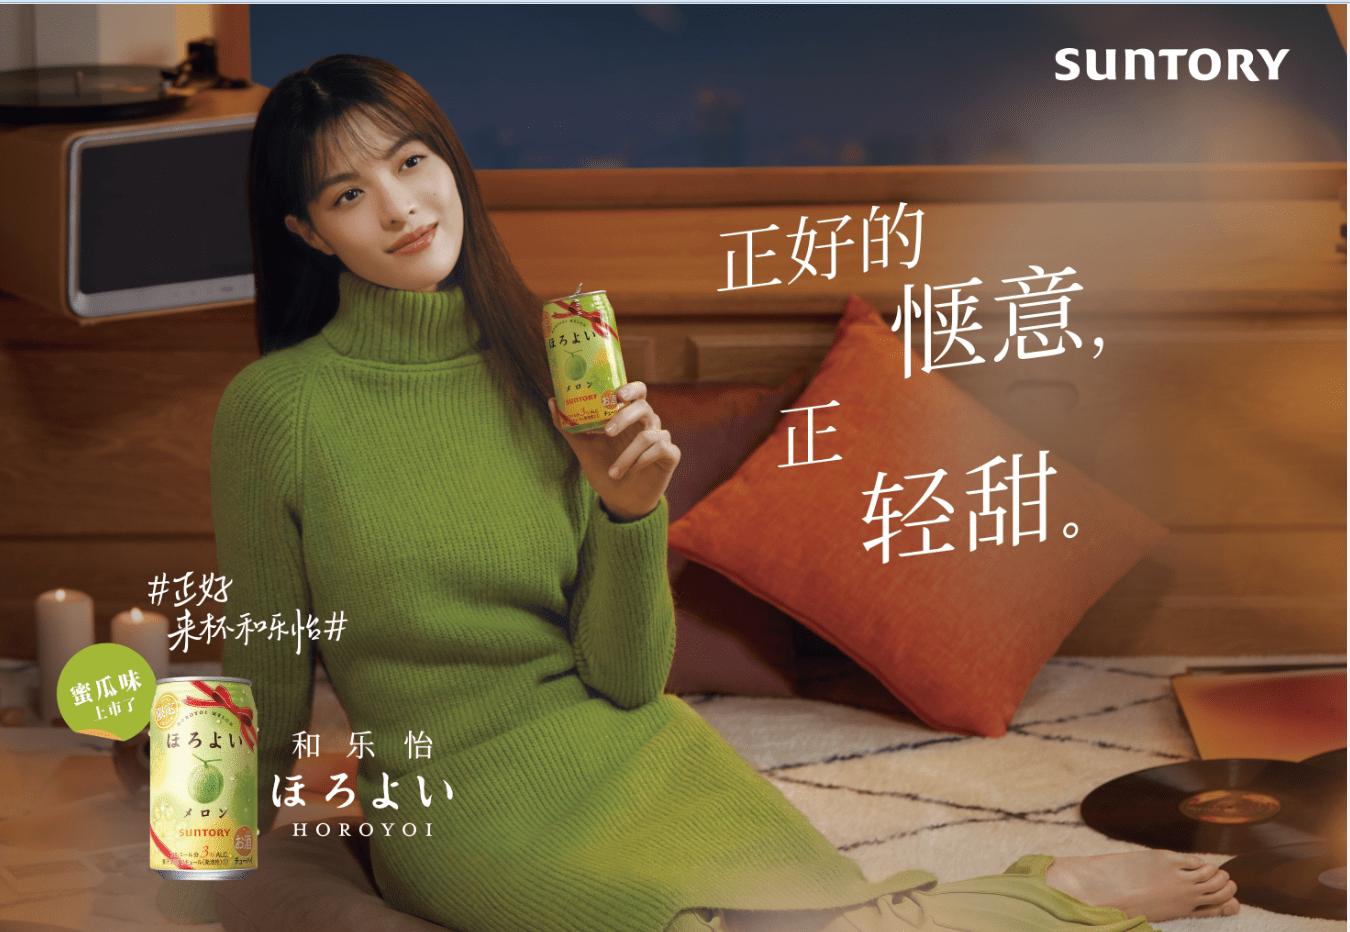 来自日本的冬日馈赠激起甜美记忆 三得利和乐怡蜜瓜味新品上市